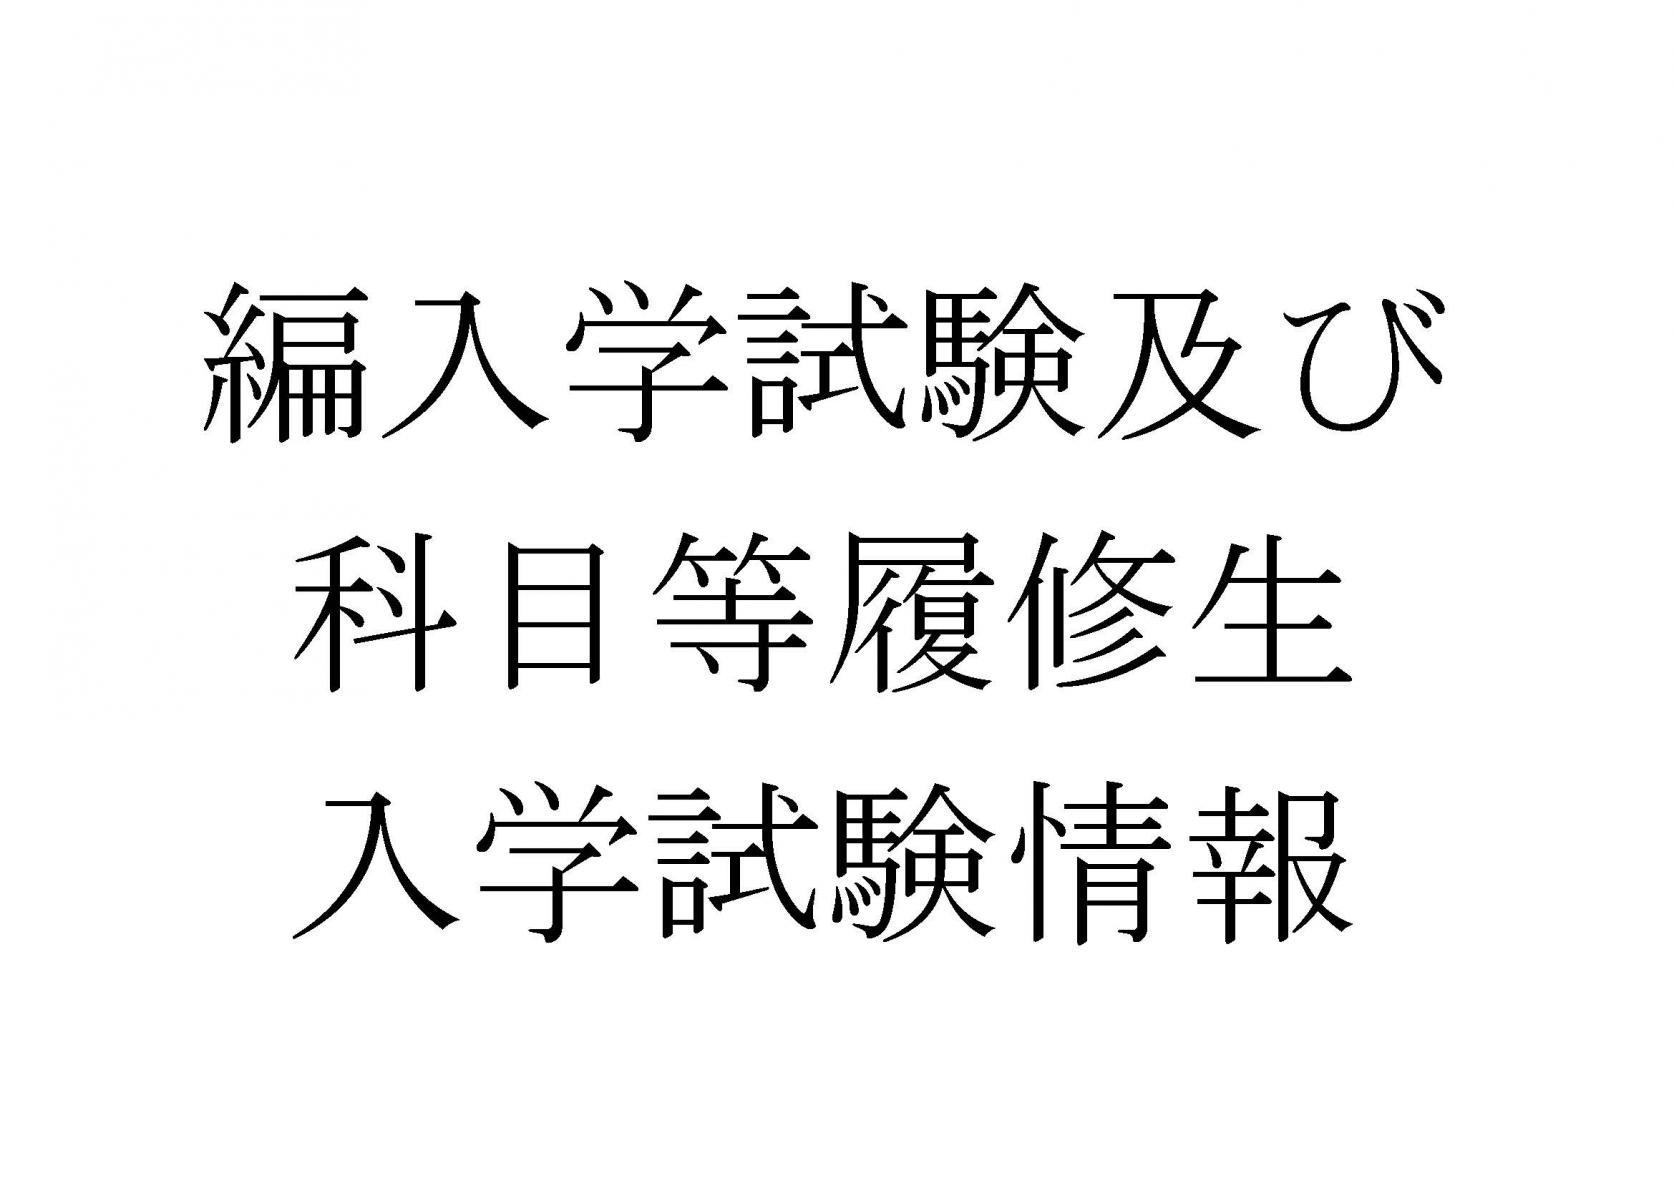 理工学部編入学試験及び科目等履修生(10月生)入学試験については、台風15号が近づいておりますが、9月8日(日)は、入学試験を予定どおり実施いたします。